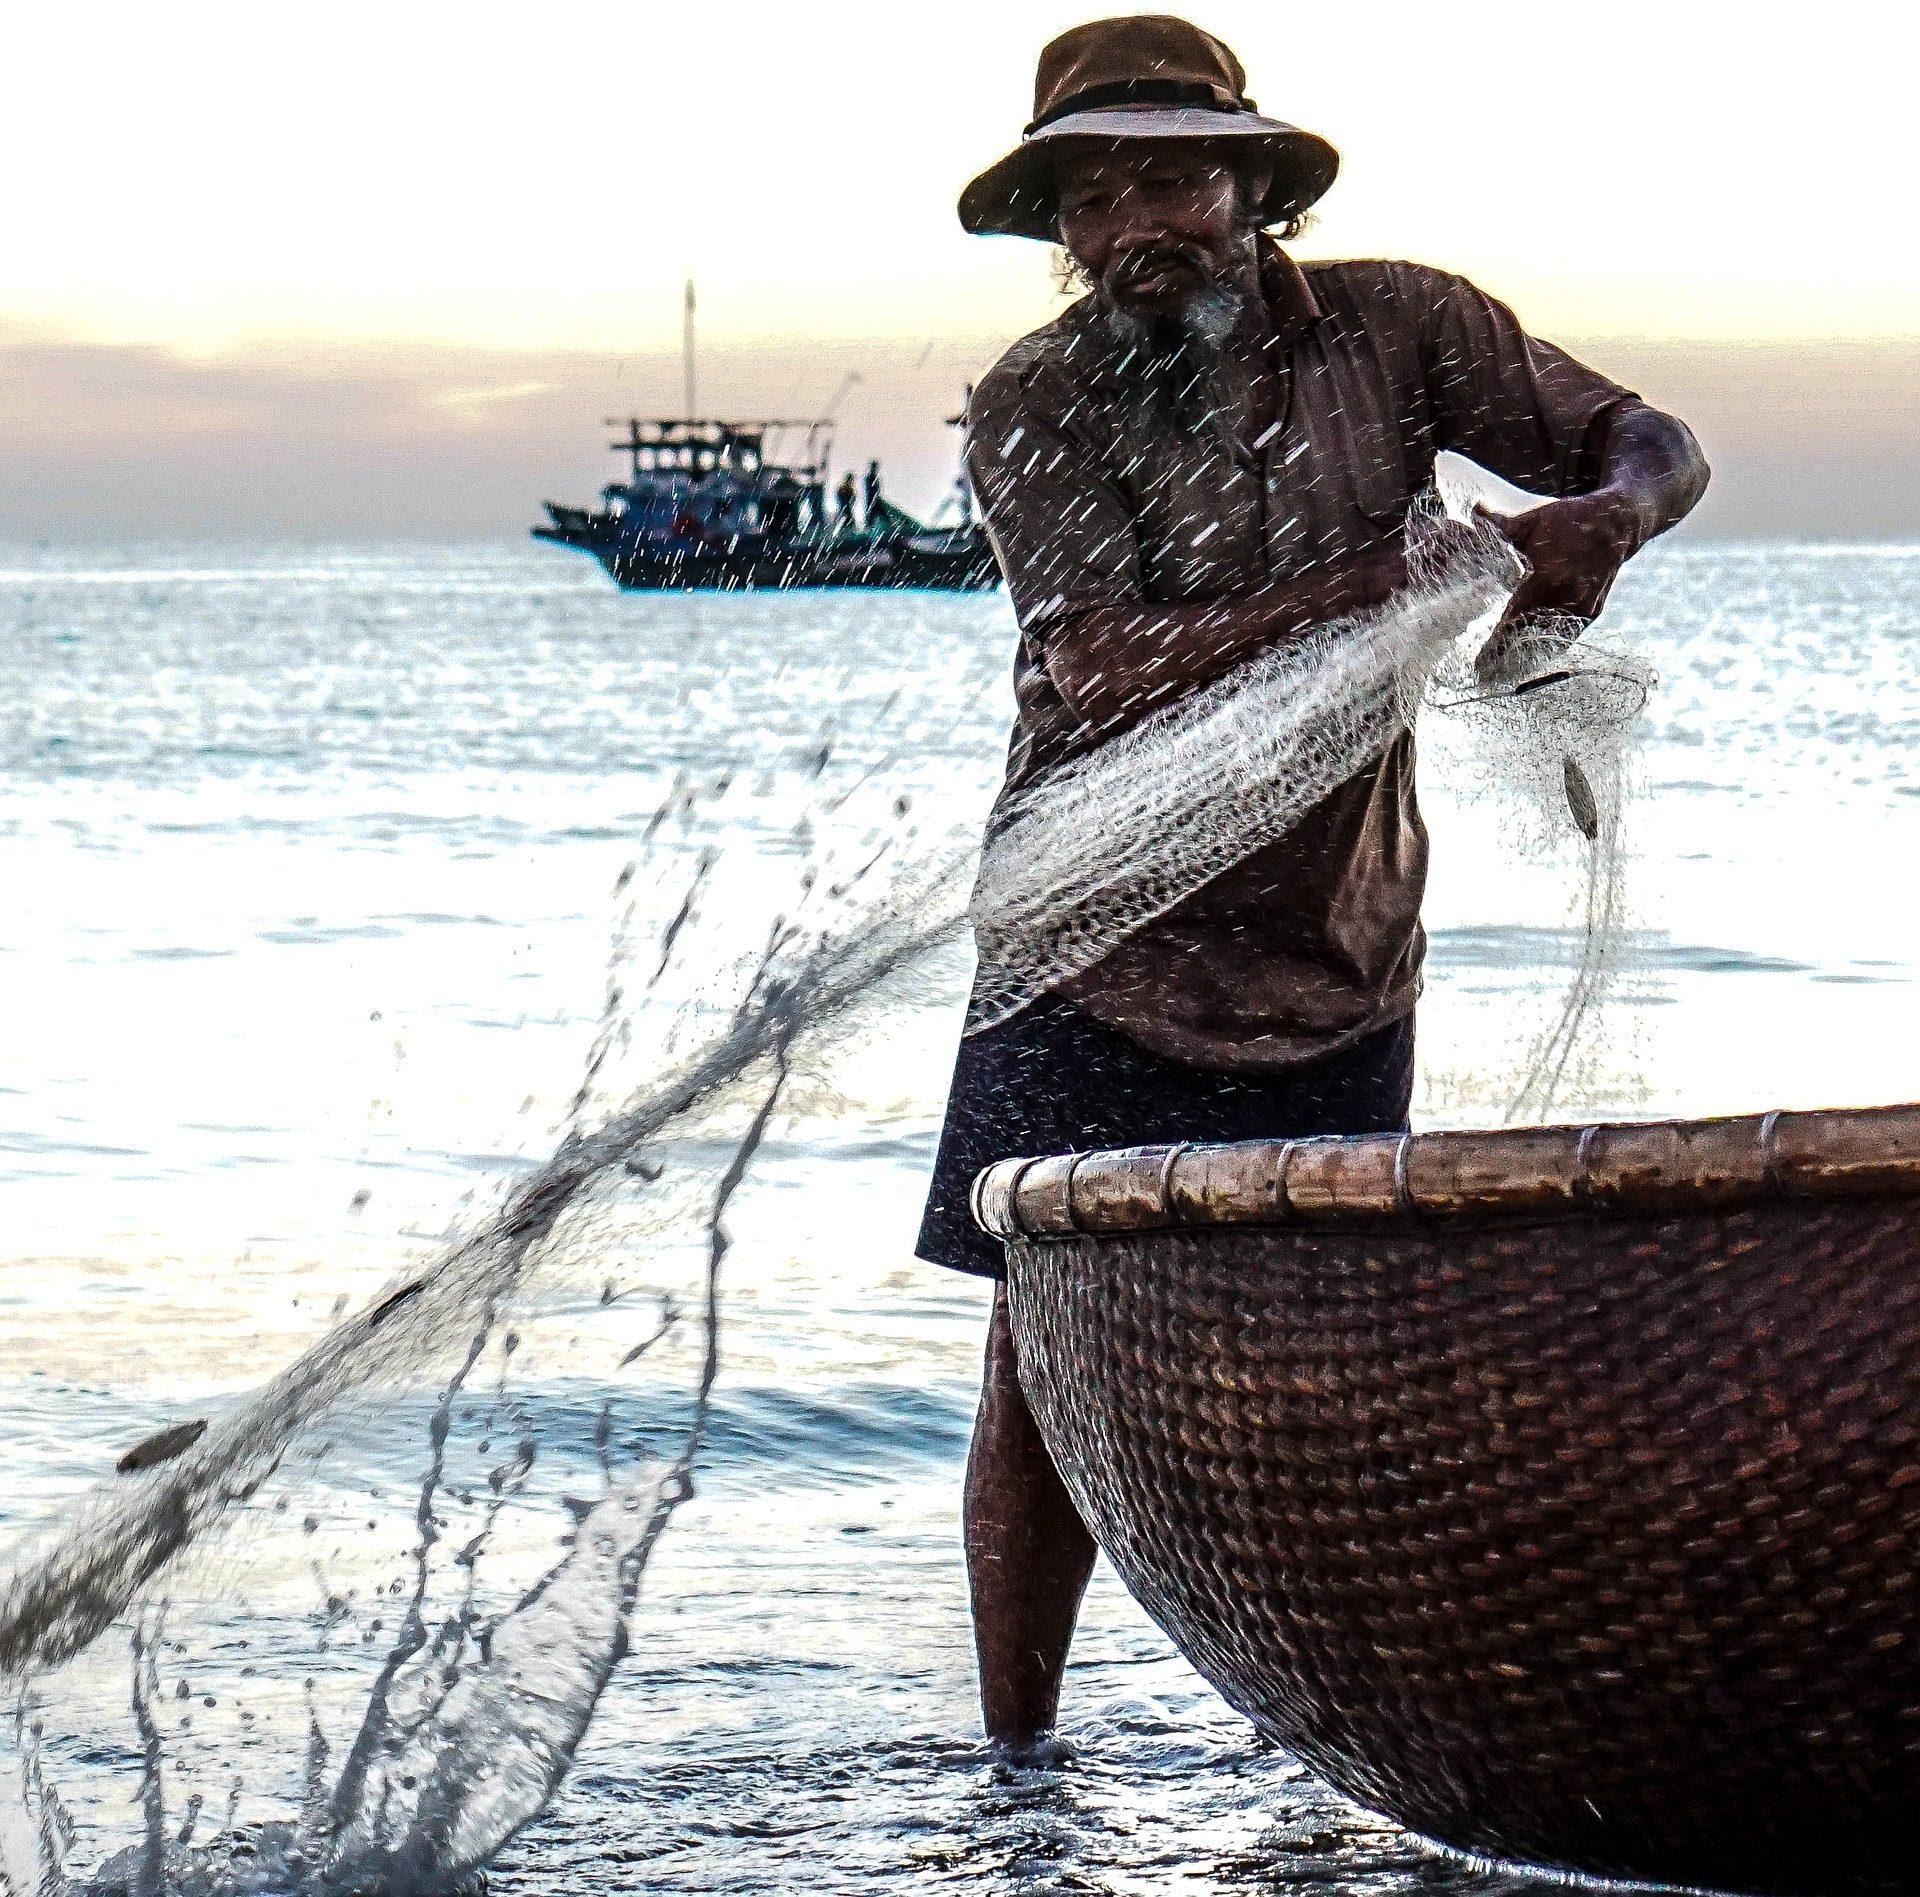 मछुआरे, नेटवर्क, सागर, महासागर, नाव, जाल - HD वॉलपेपर - प्रोफेसर-falken.com